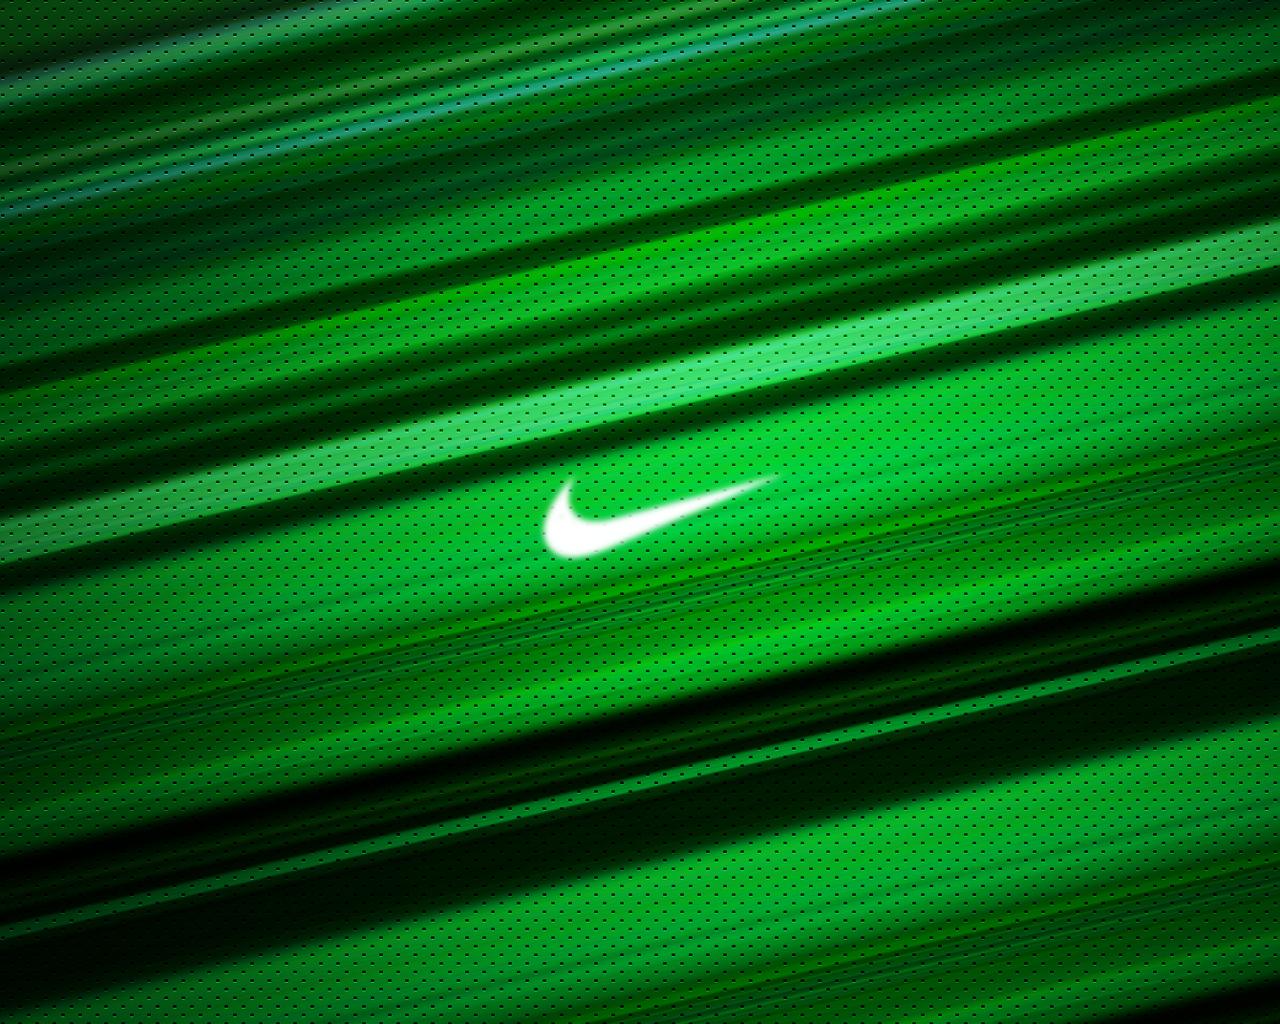 Mejores 100 Fondos De Nike: Los Mejores Fondos De Pantalla (HD) (recomendado)